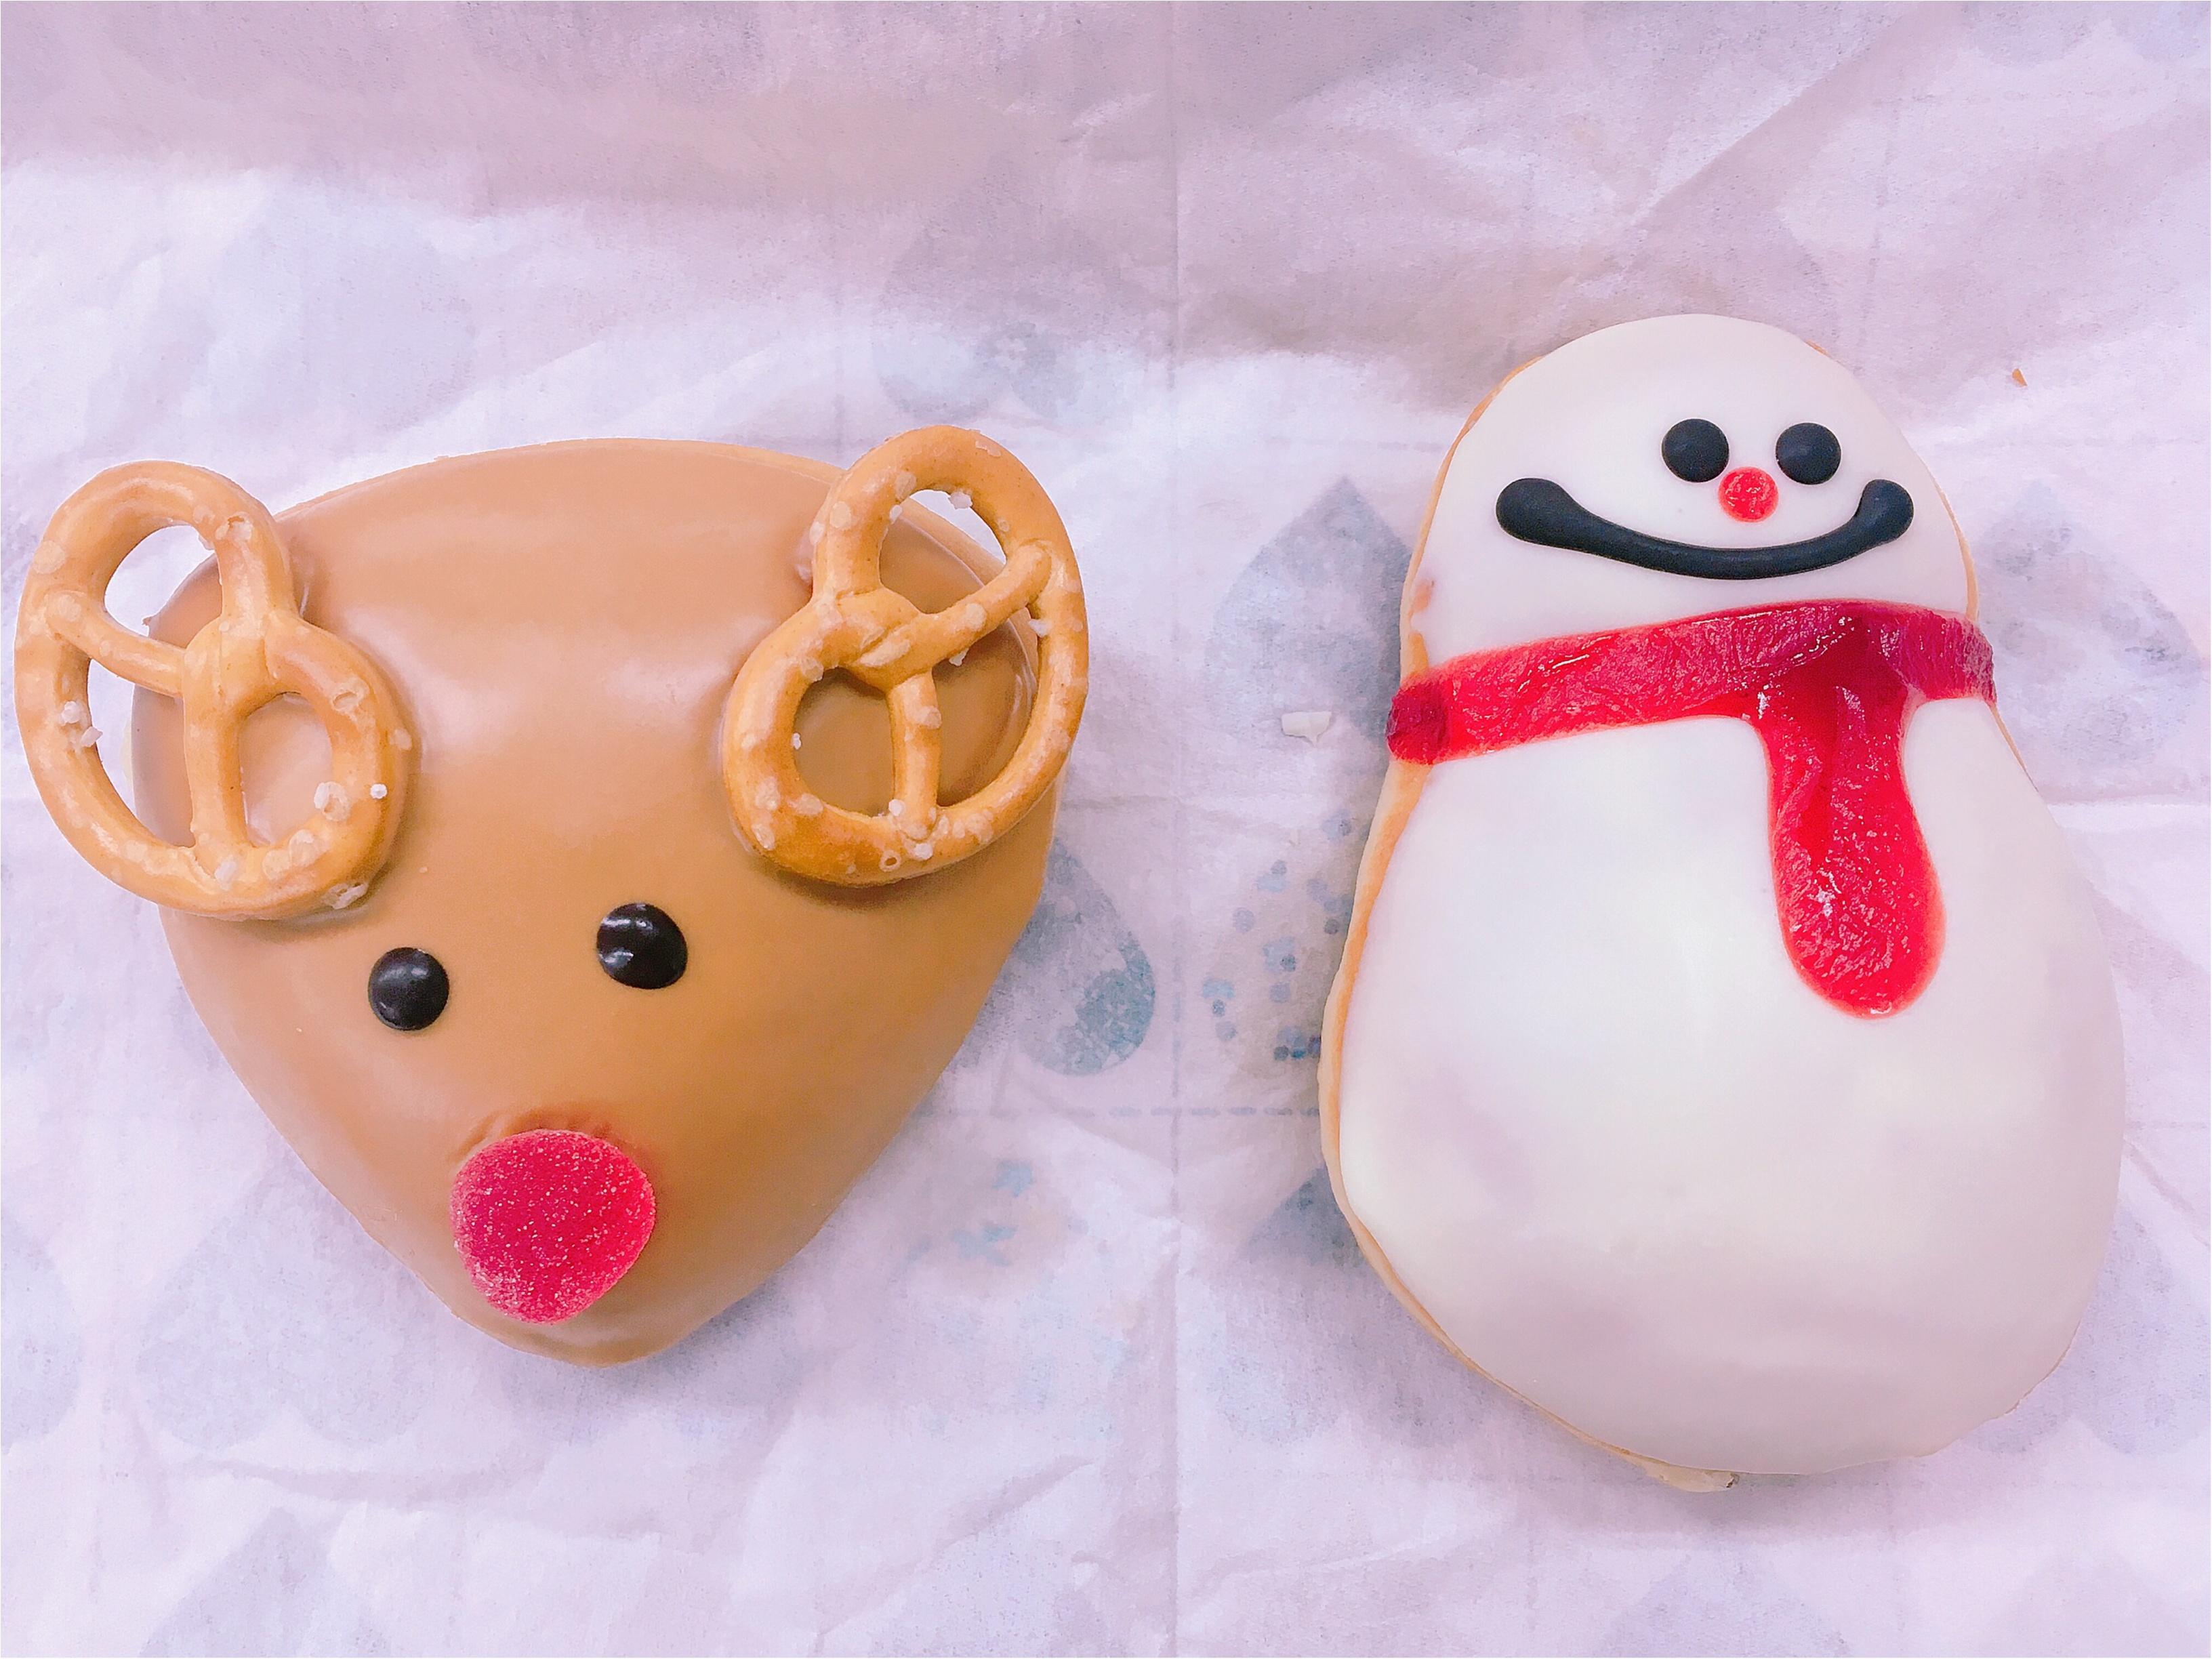 クリスマス限定!かわいすぎるトナカイ&スノーマンドーナッツ_3